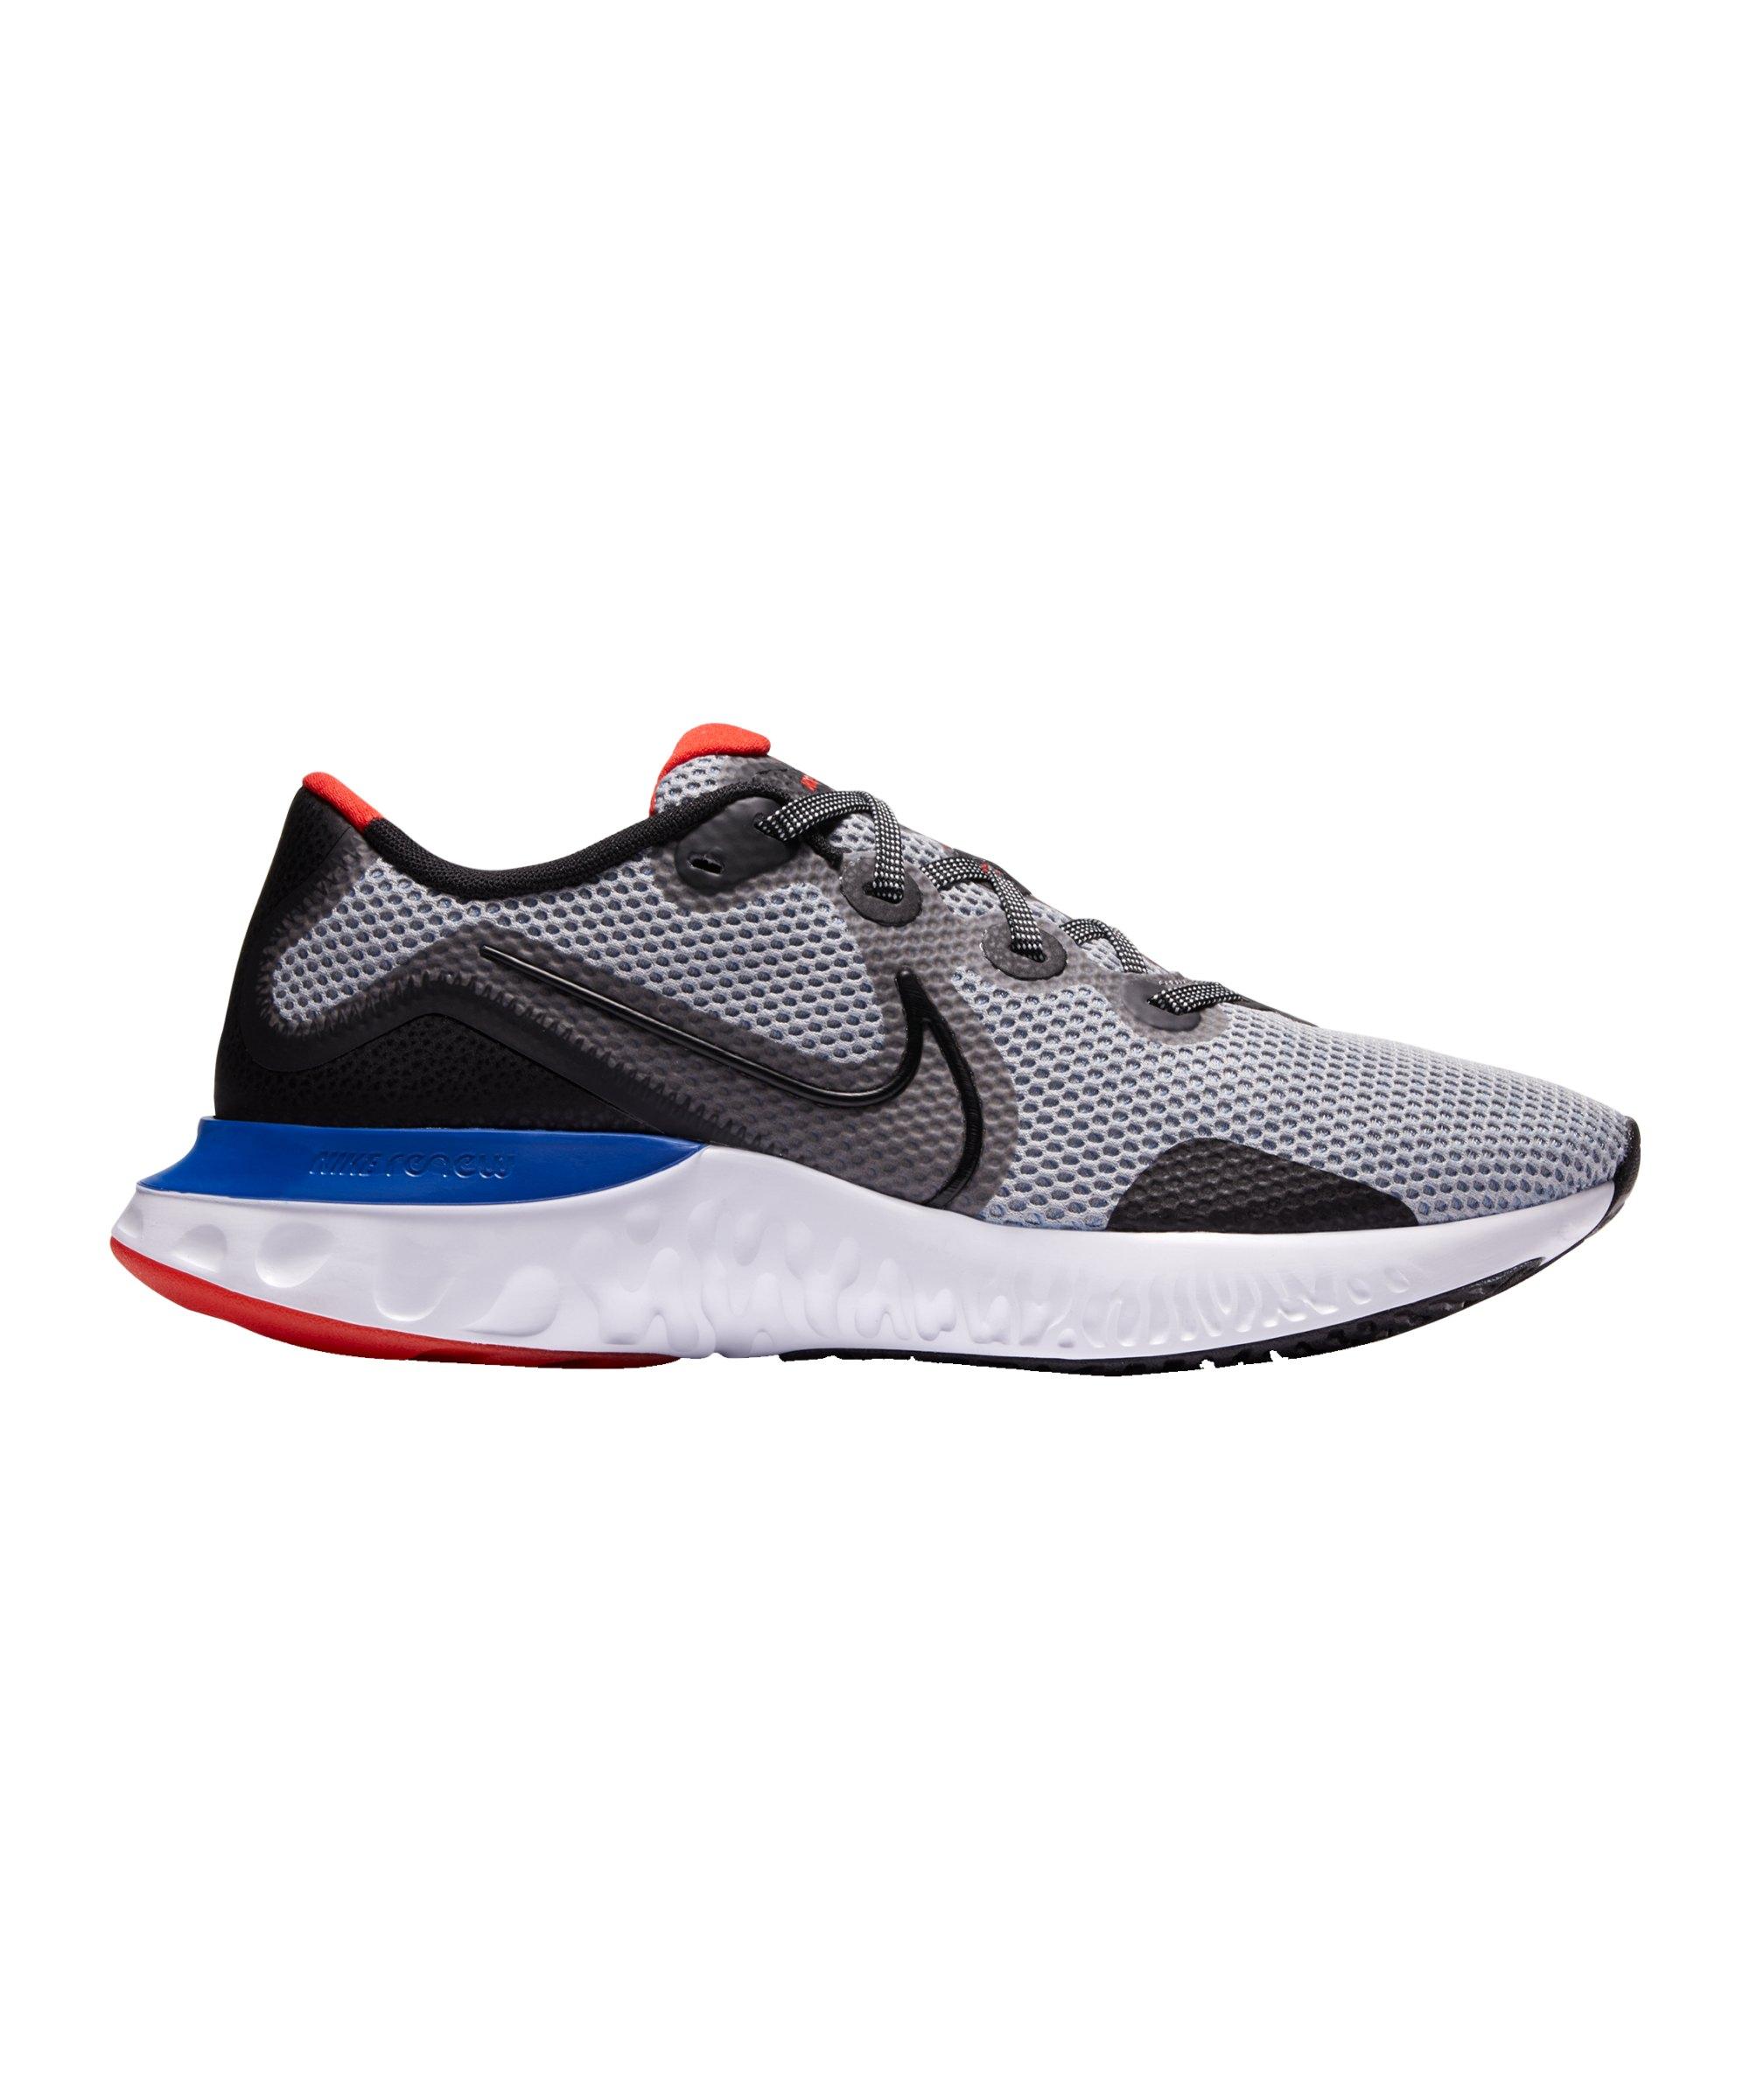 Nike Renew Run Running Grau Schwarz F009 - grau